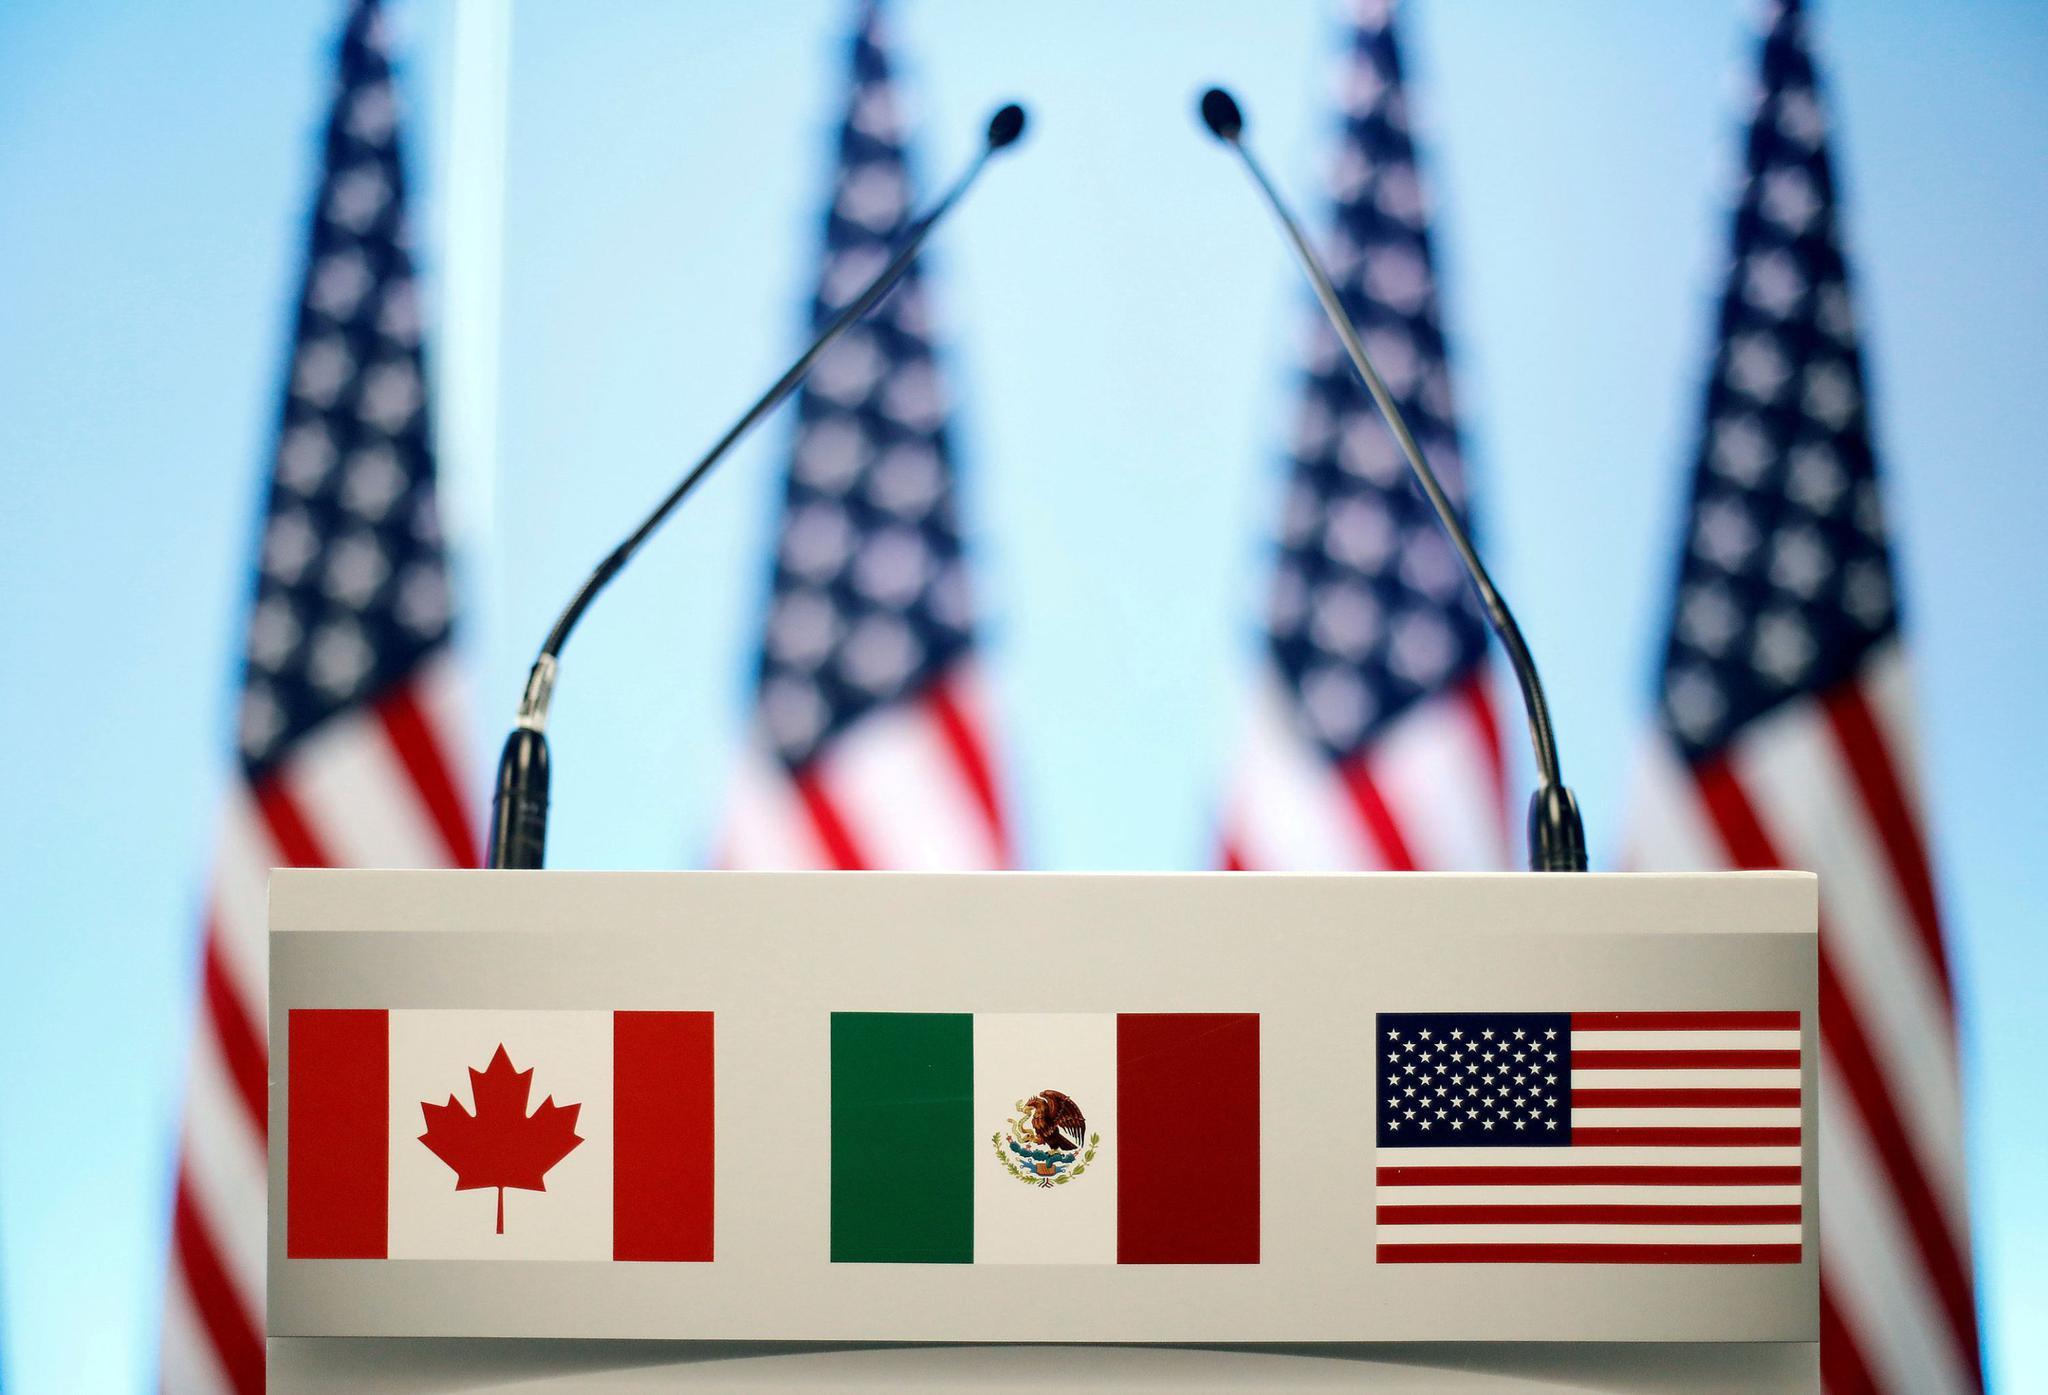 特朗普欲分而谈之 北美自贸协定今年难续约自贸协定